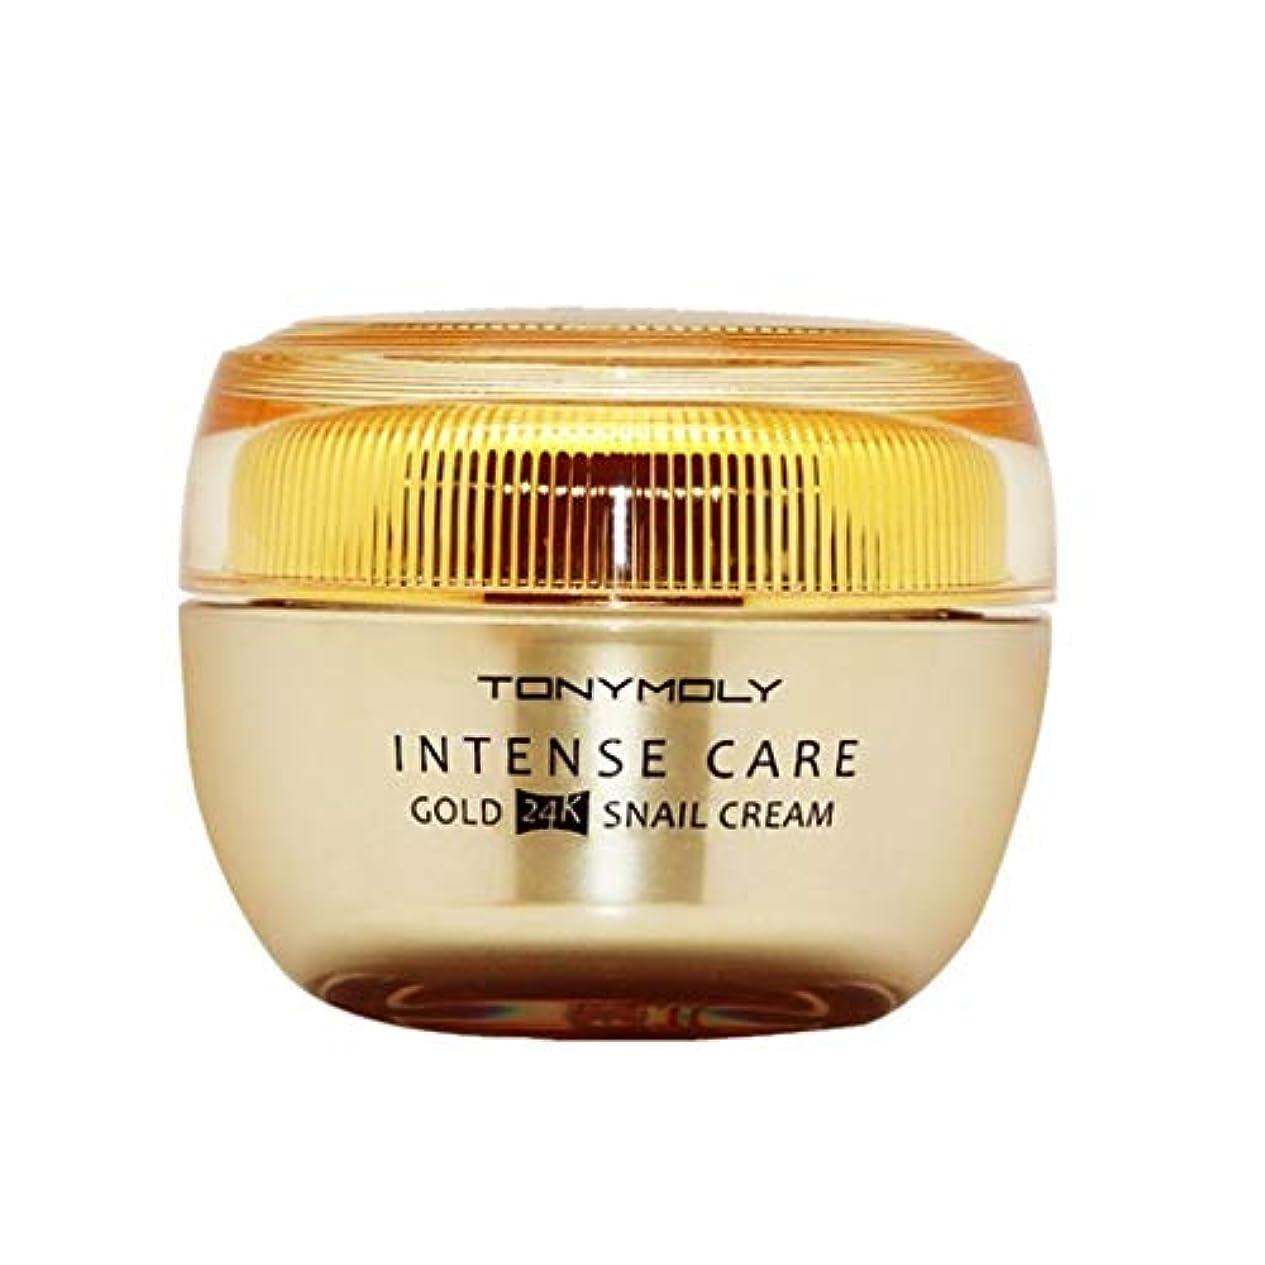 カーペット笑あなたはトニーモリーインテンスケアゴールド24Kスネールクリーム45ml x 2本セット美白、シワ改善クリーム、Tonymoly Intense Care Gold 24K Snail Cream 45ml x 2ea Set Whitening Wrinkle Care Cream [並行輸入品]